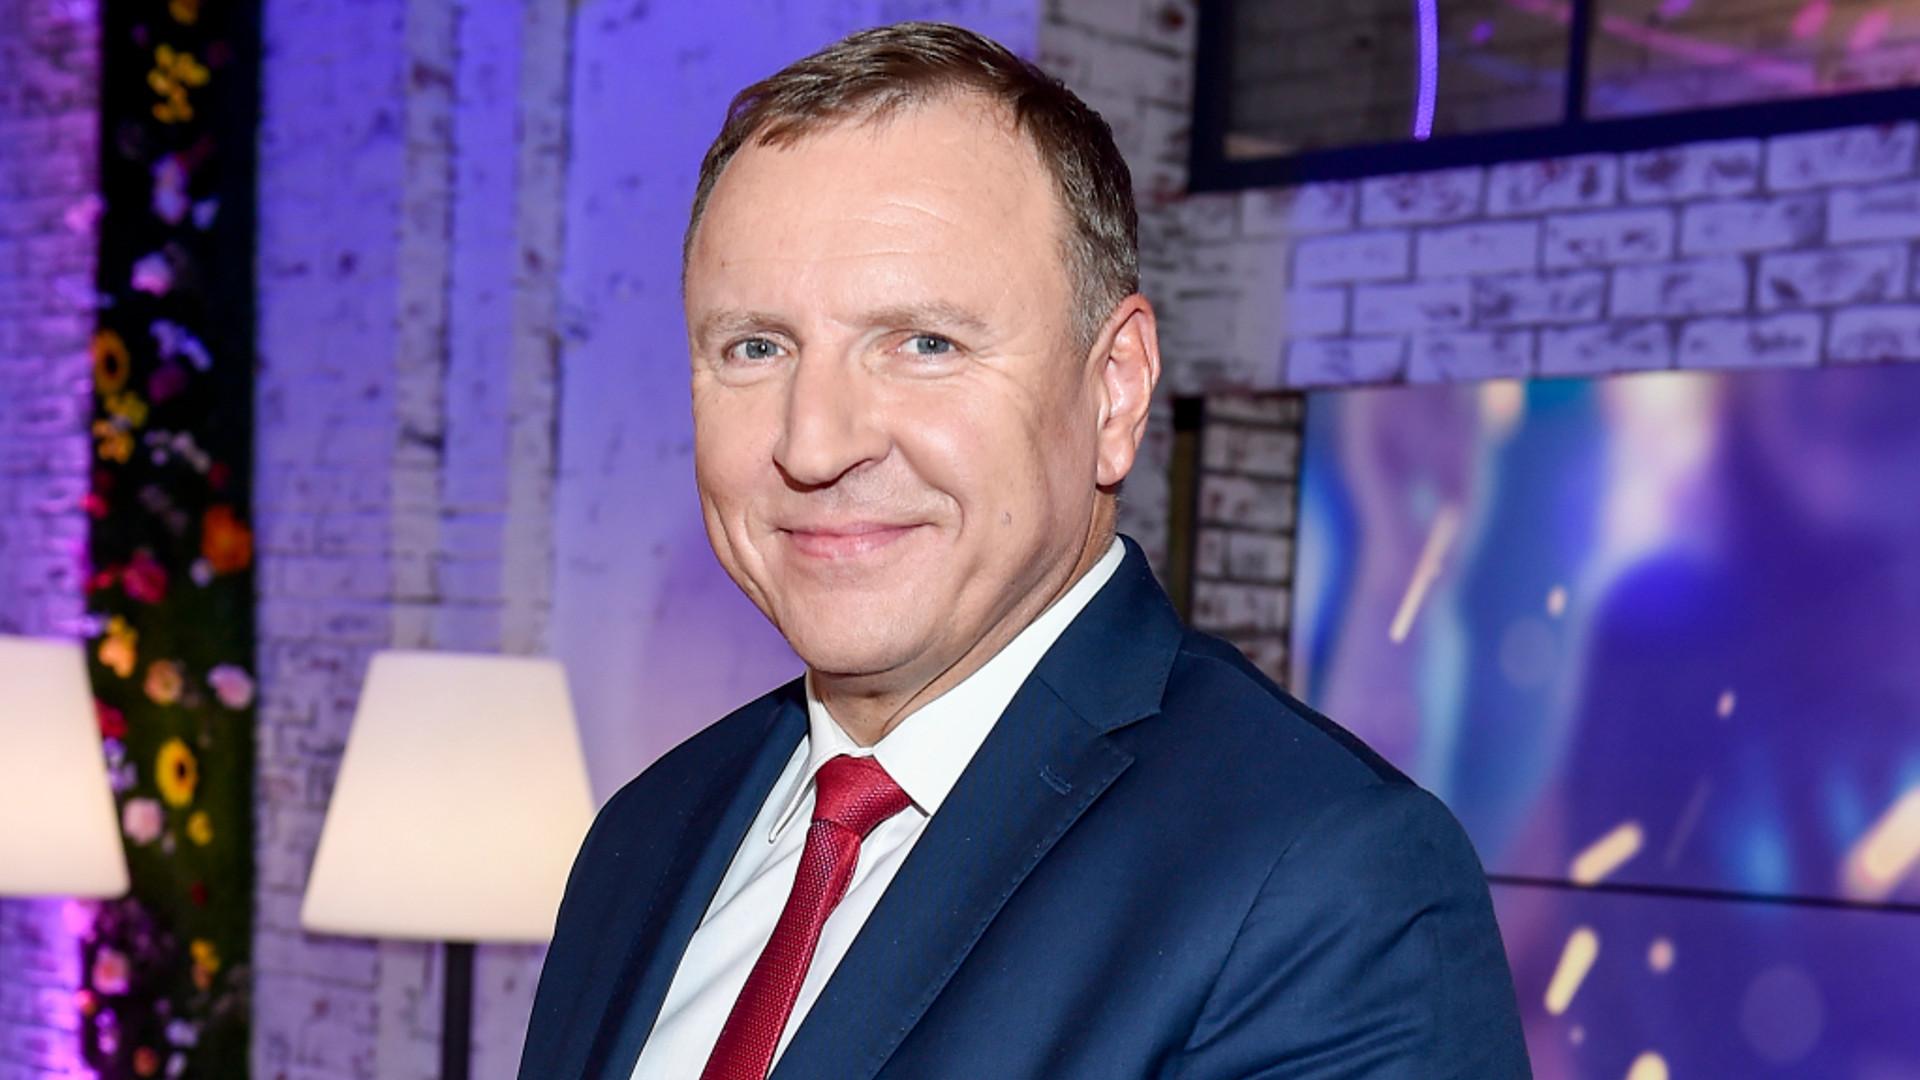 Jacek Kurski ODWOŁANY z funkcji prezesa Telewizji Polskiej